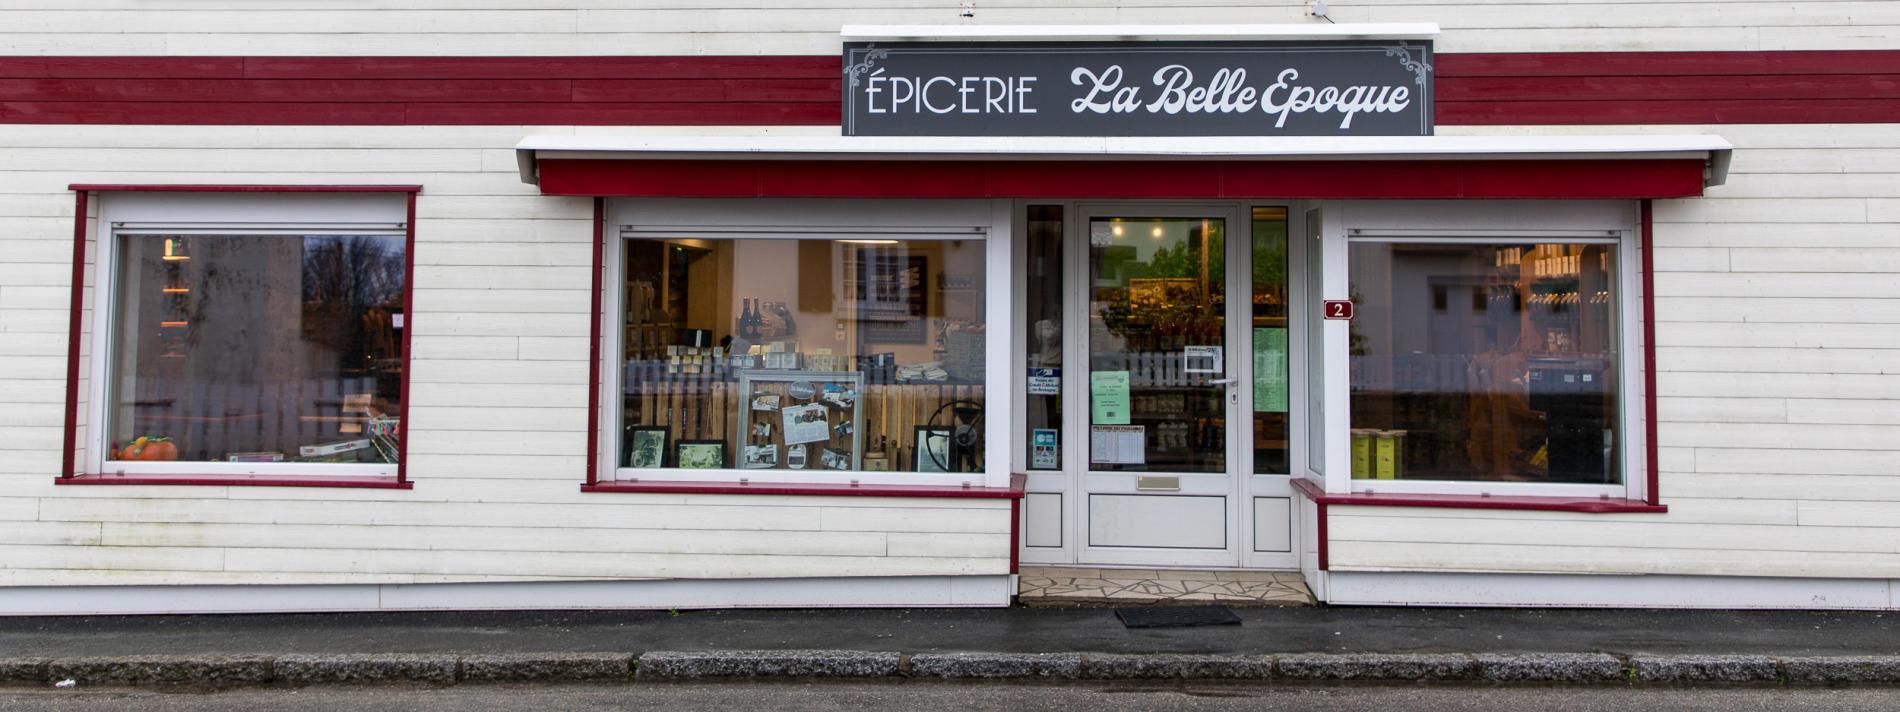 La devanture de l\'épicerie-bar La Belle Epoque,le 8 février 2019.